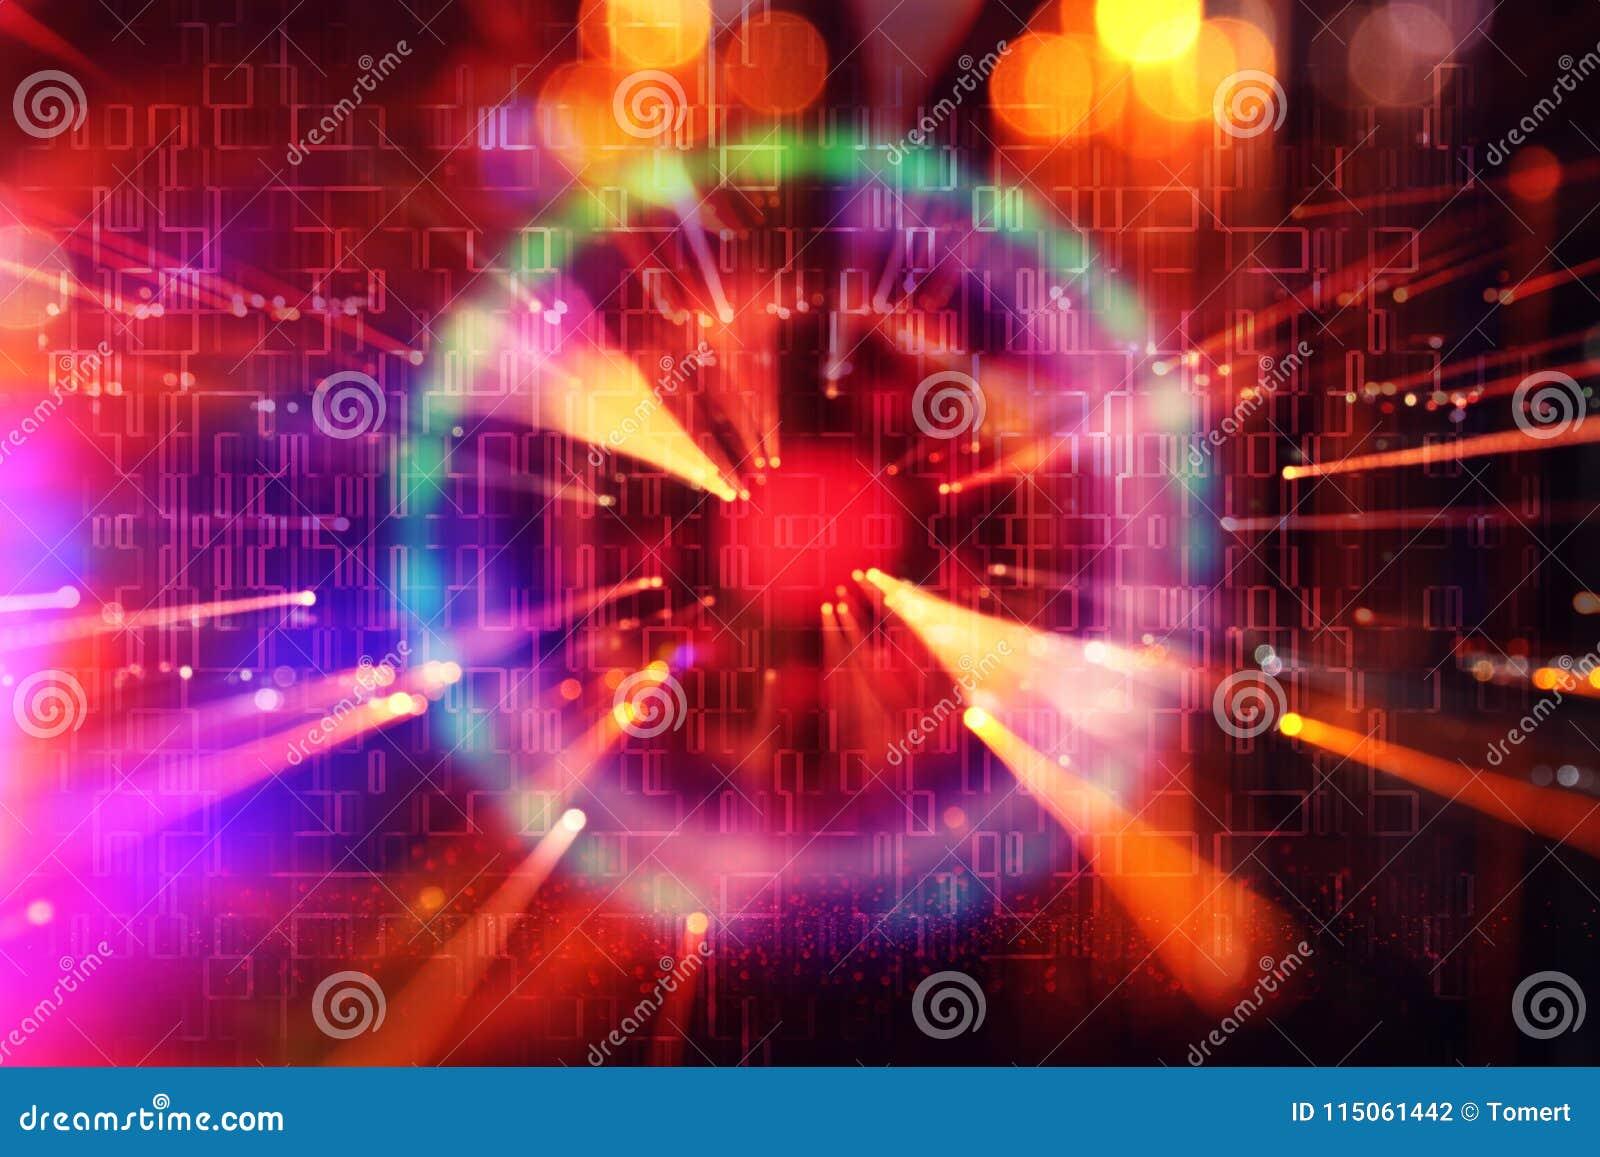 Fundo futurista da ficção científica abstrata Alargamento da lente imagem do conceito do curso do espaço ou do tempo sobre luzes